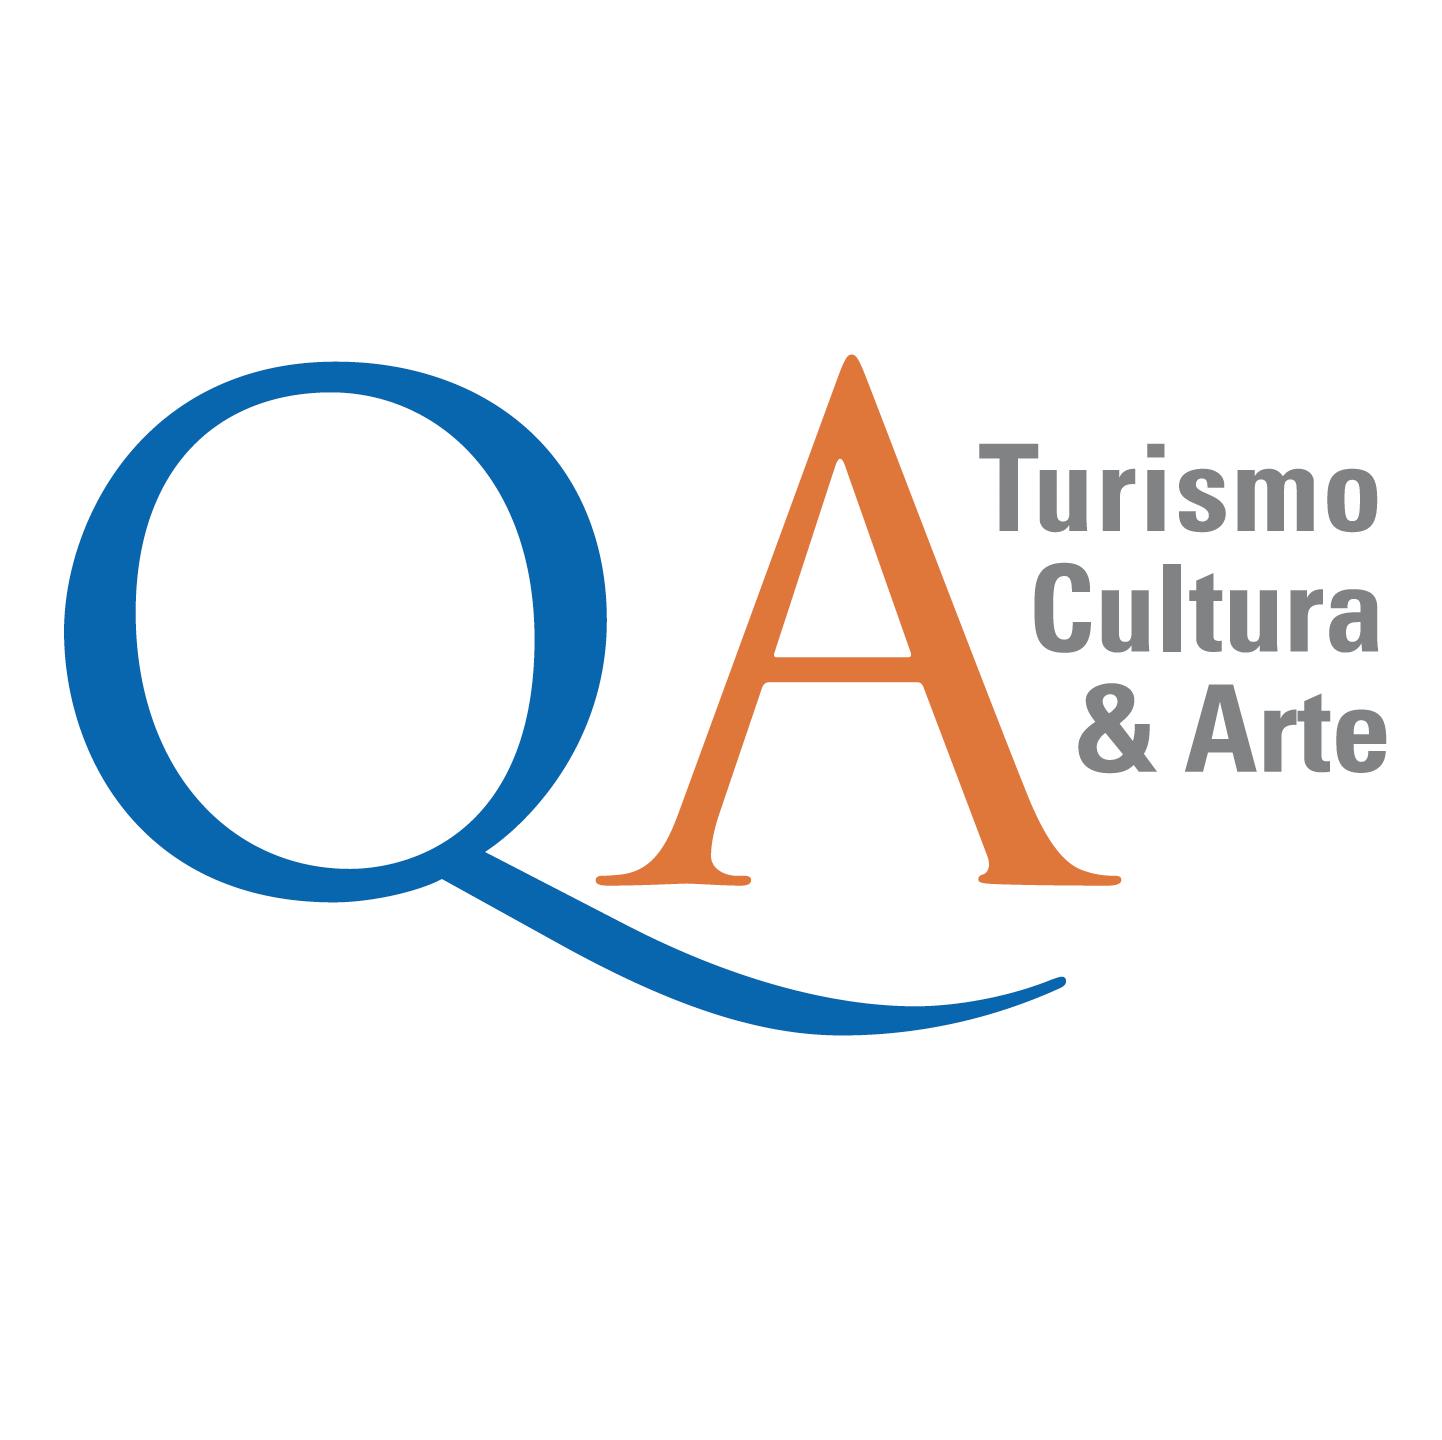 QAturismo-cultura-arte